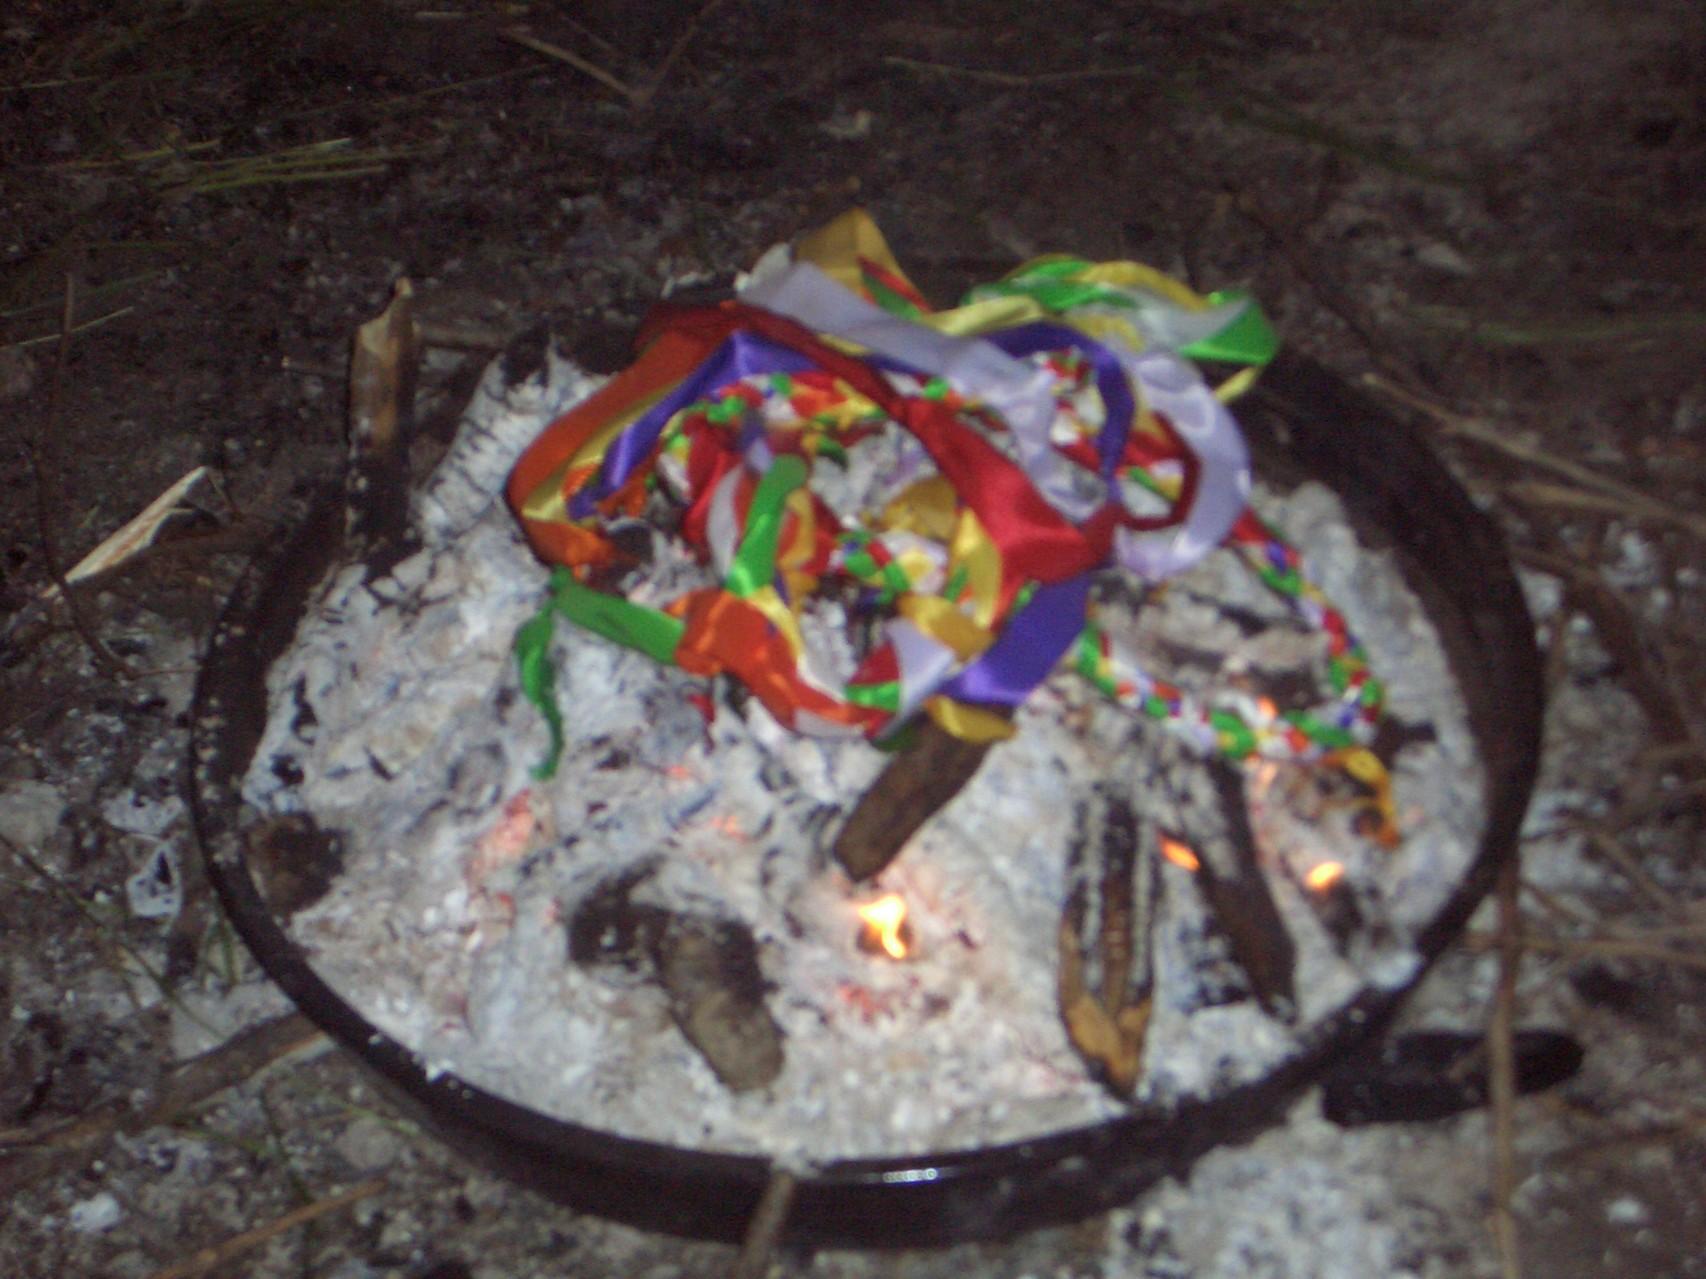 Die Bänder erfüllt von unserer Liebe werden zum Abschluss dem Feuer übergeben.....